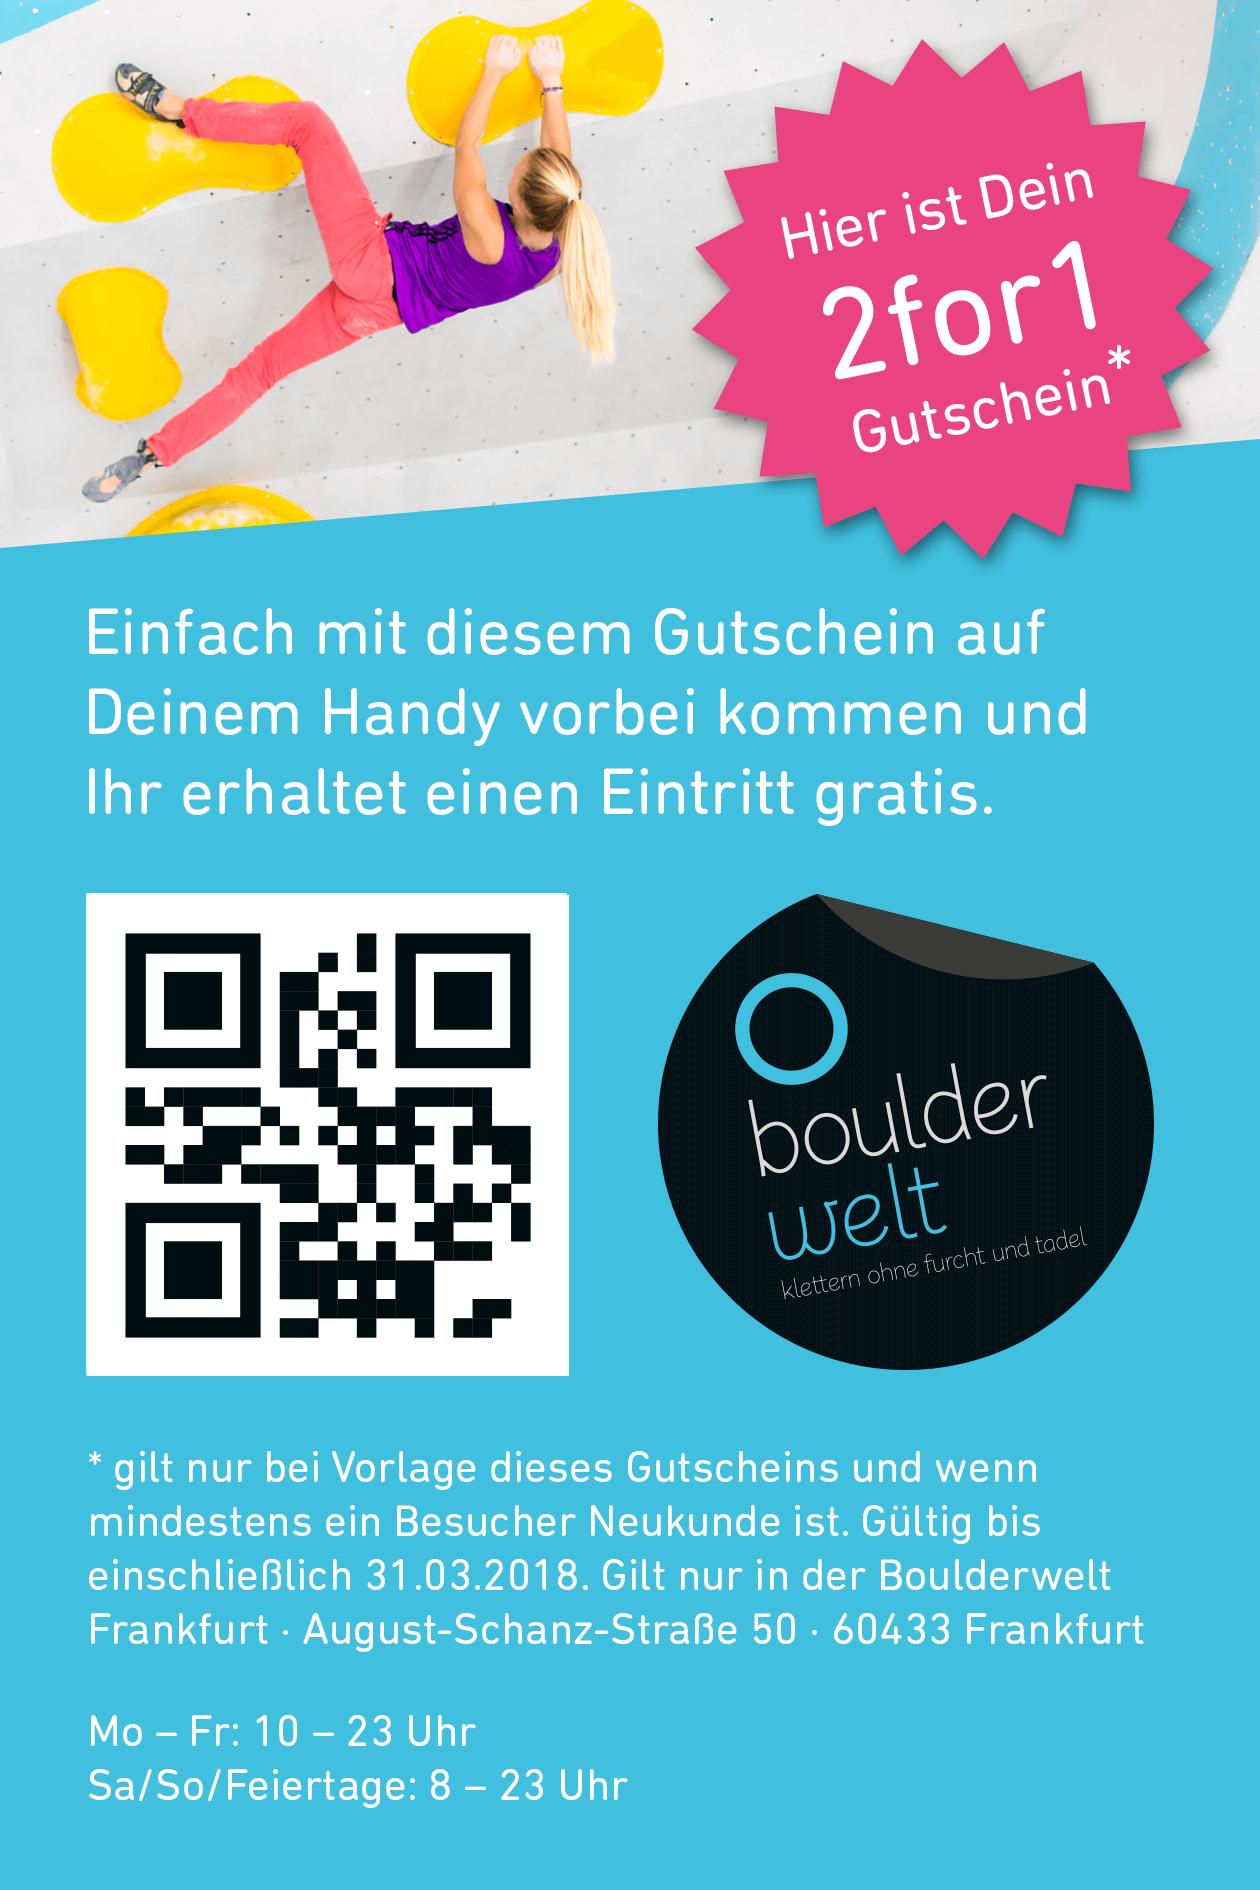 2for1 Gutschein Printpeter